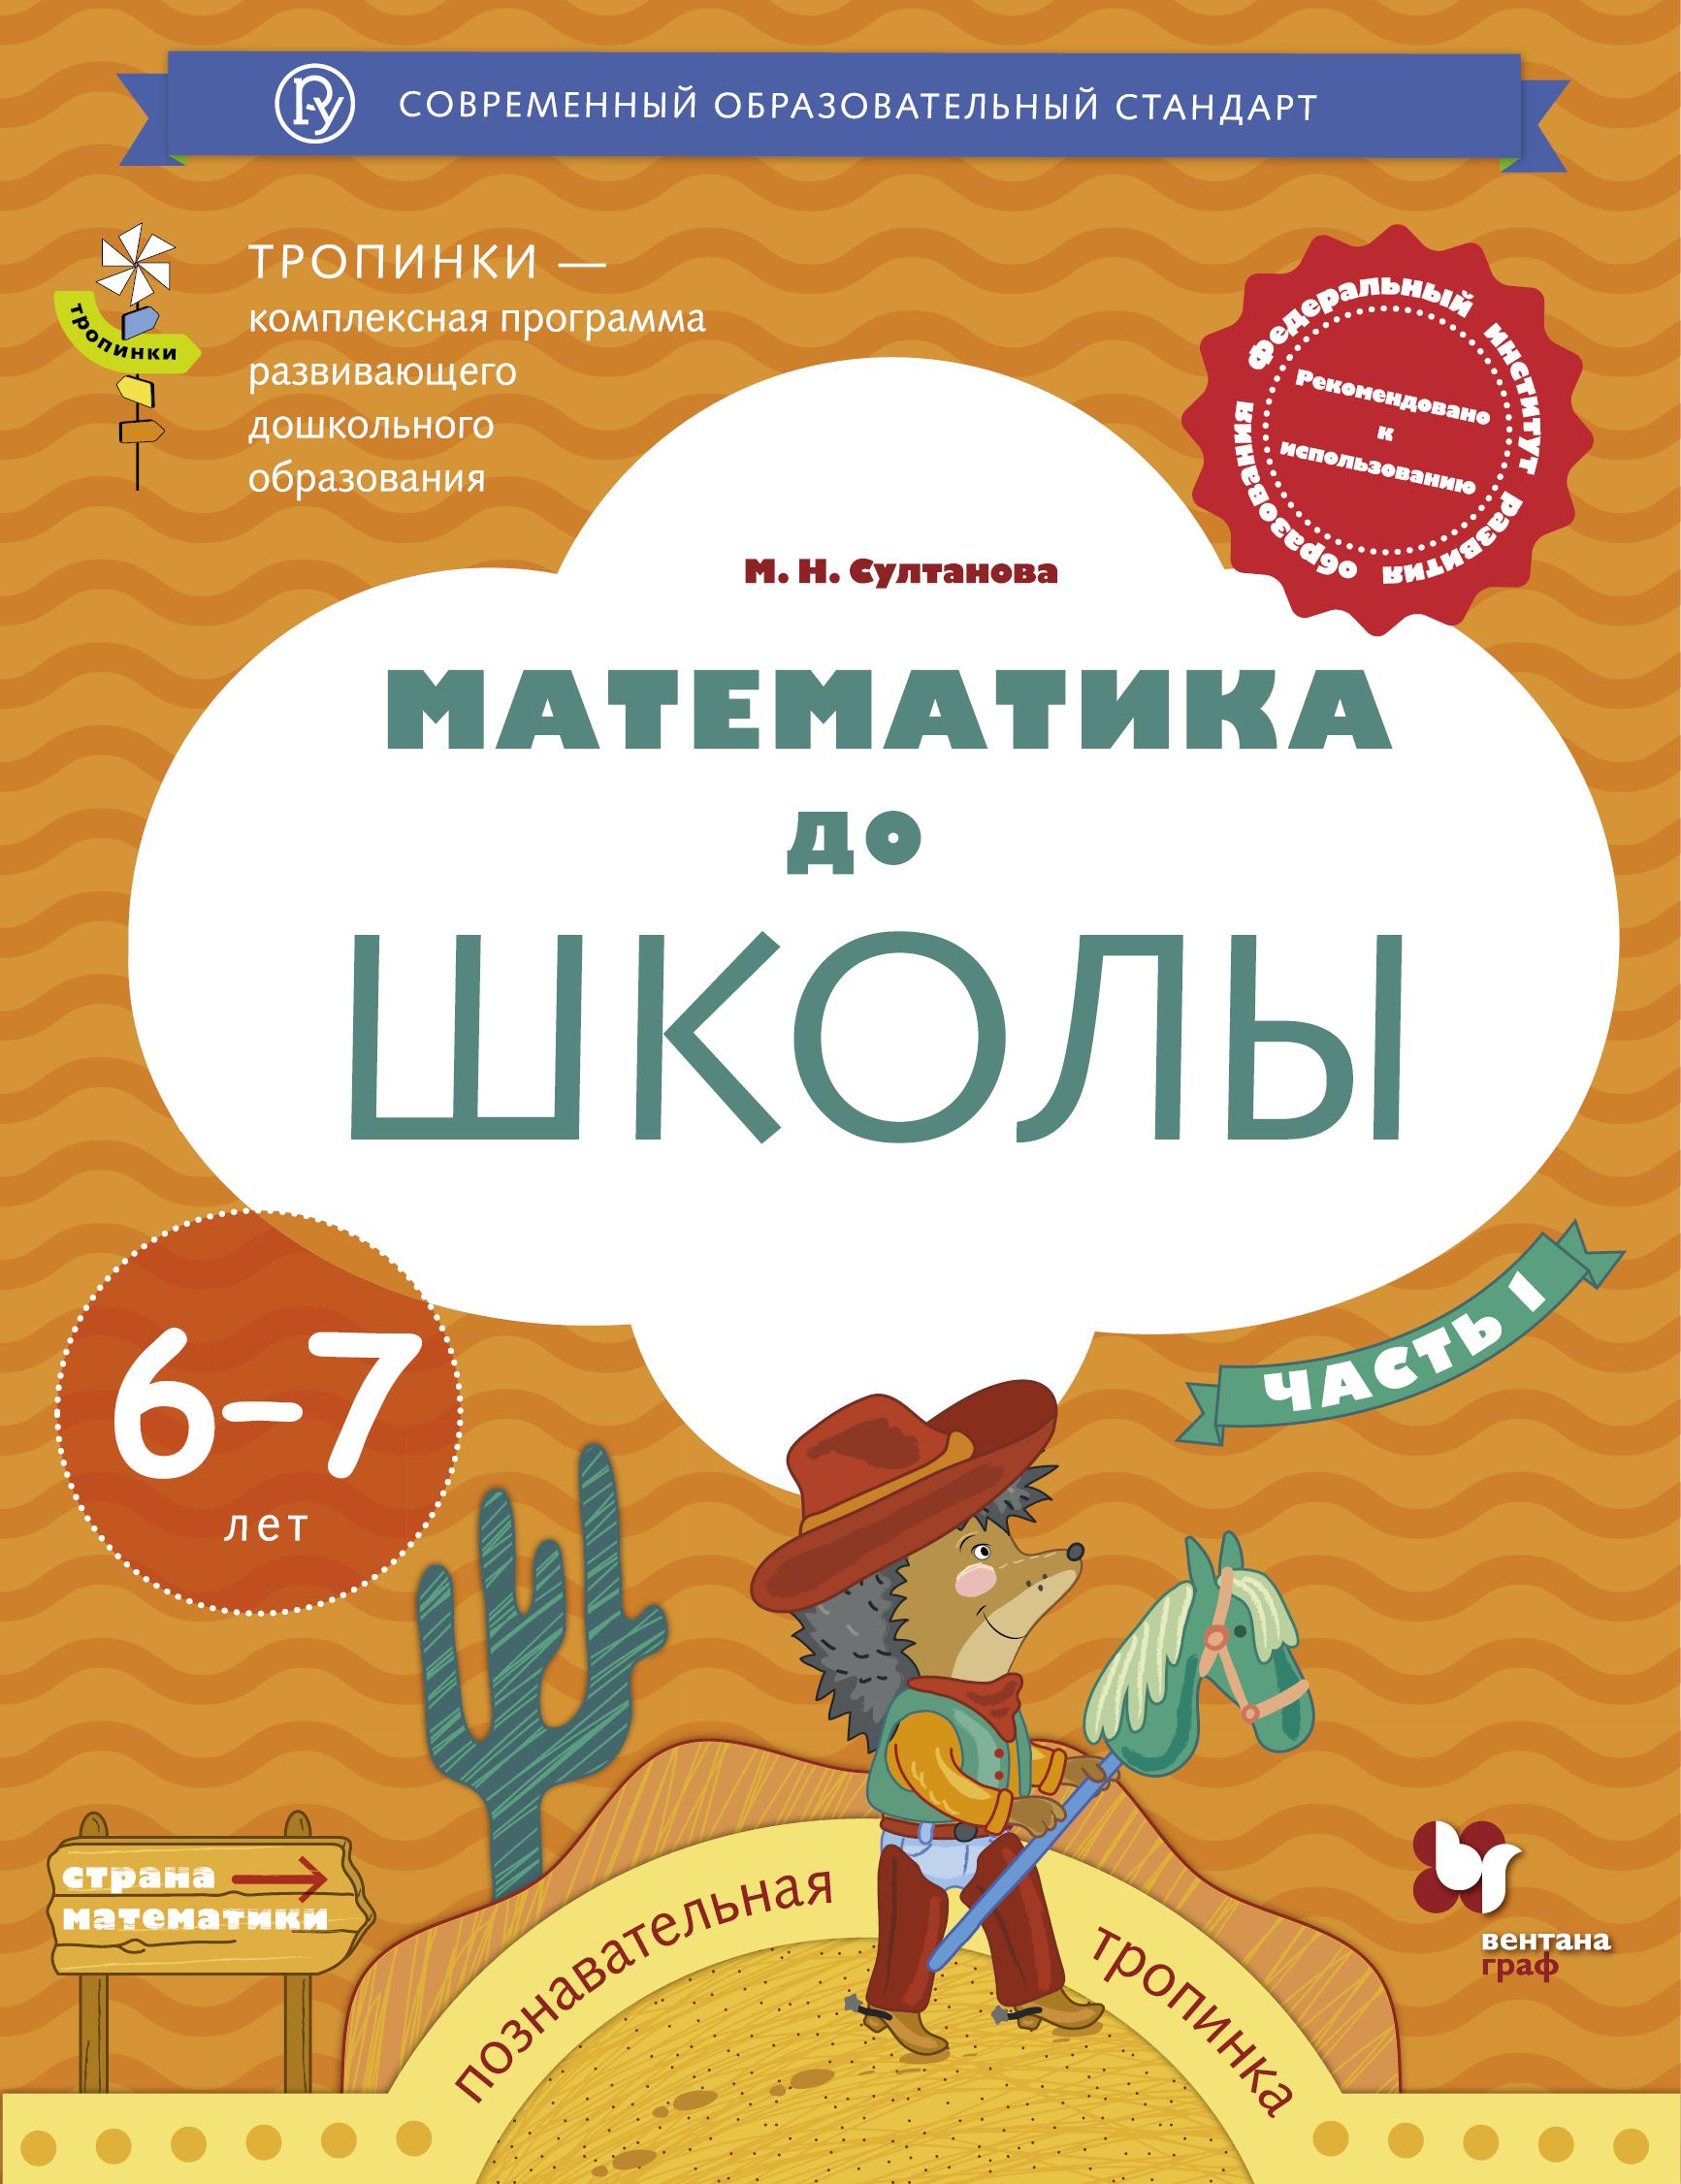 М. Н. Султанова. Математика до школы. Пособие для детей 6-7 лет. В 2 частях. Часть 1